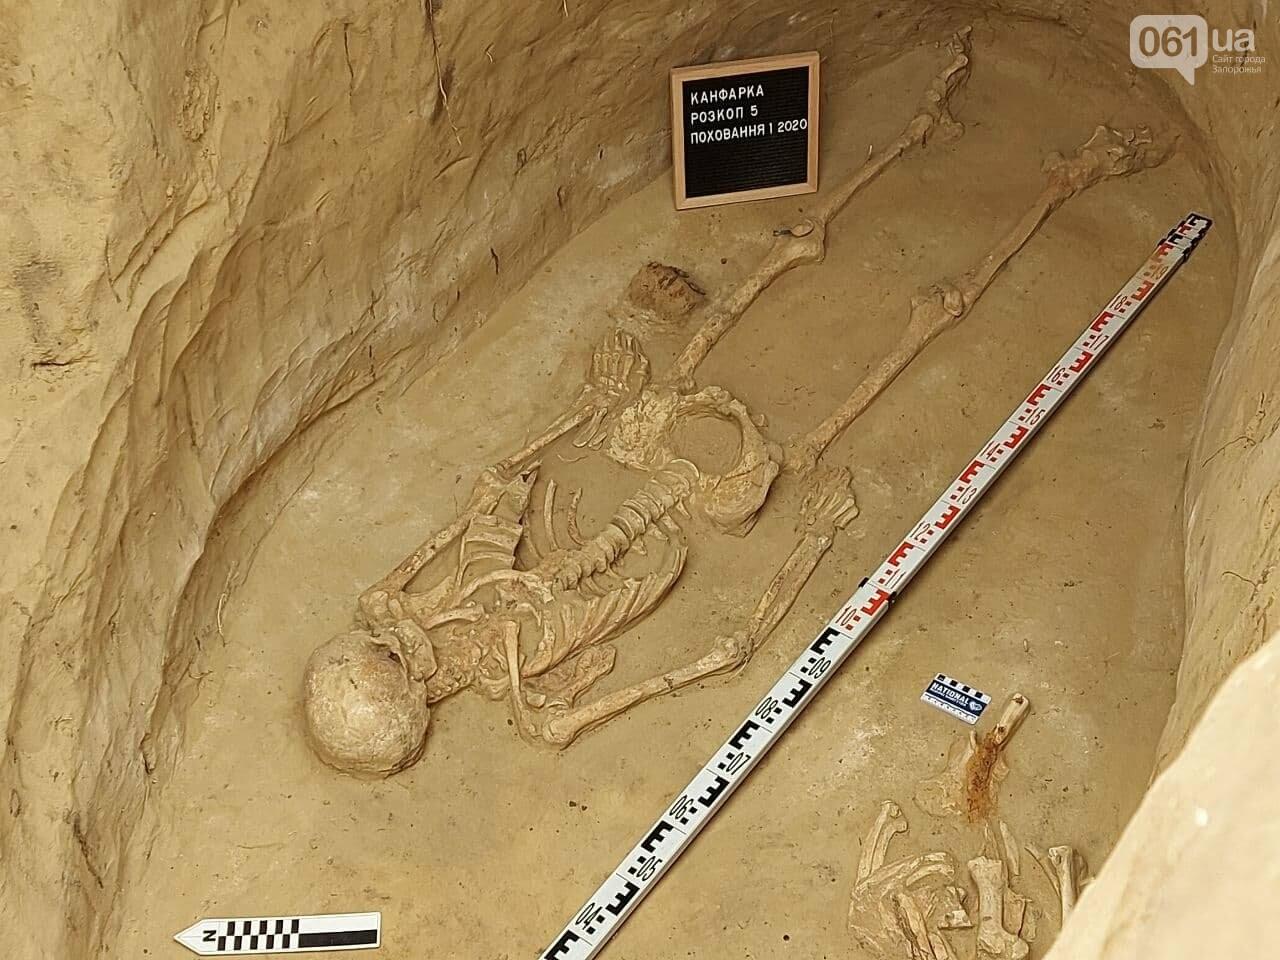 В Запорожье на Хортице нашли захоронение скифского воина, которому 2500 лет, - ФОТОРЕПОРТАЖ, фото-5